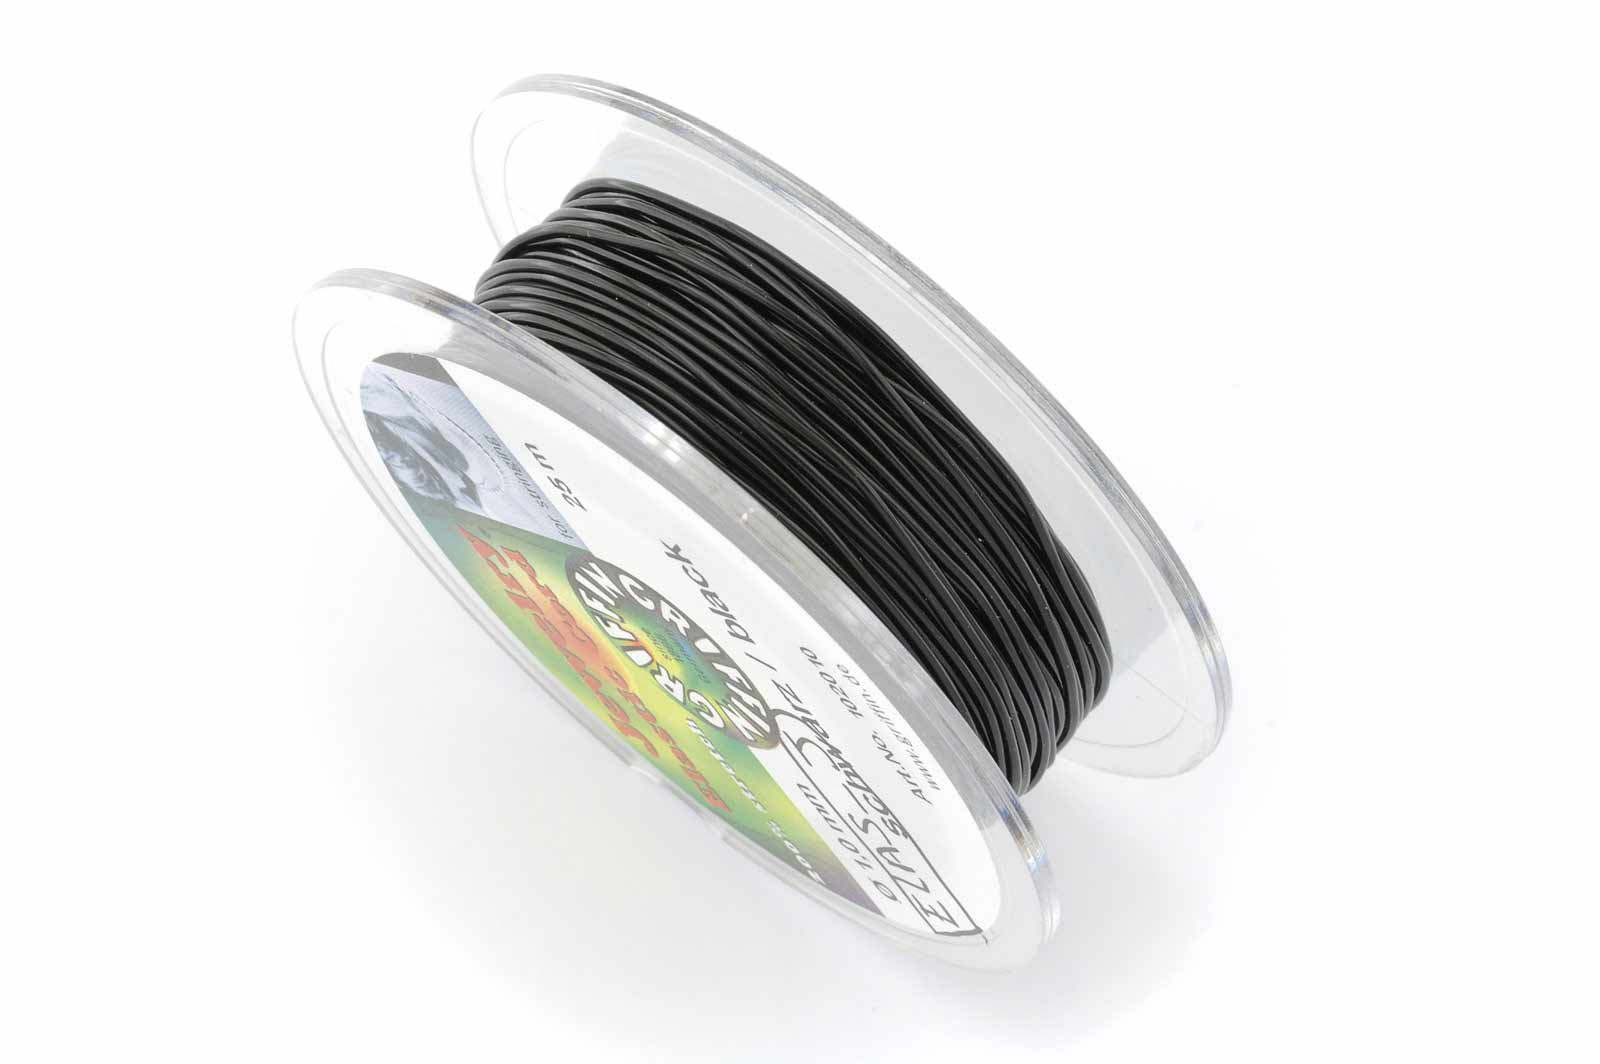 fil elastique pour bracelet